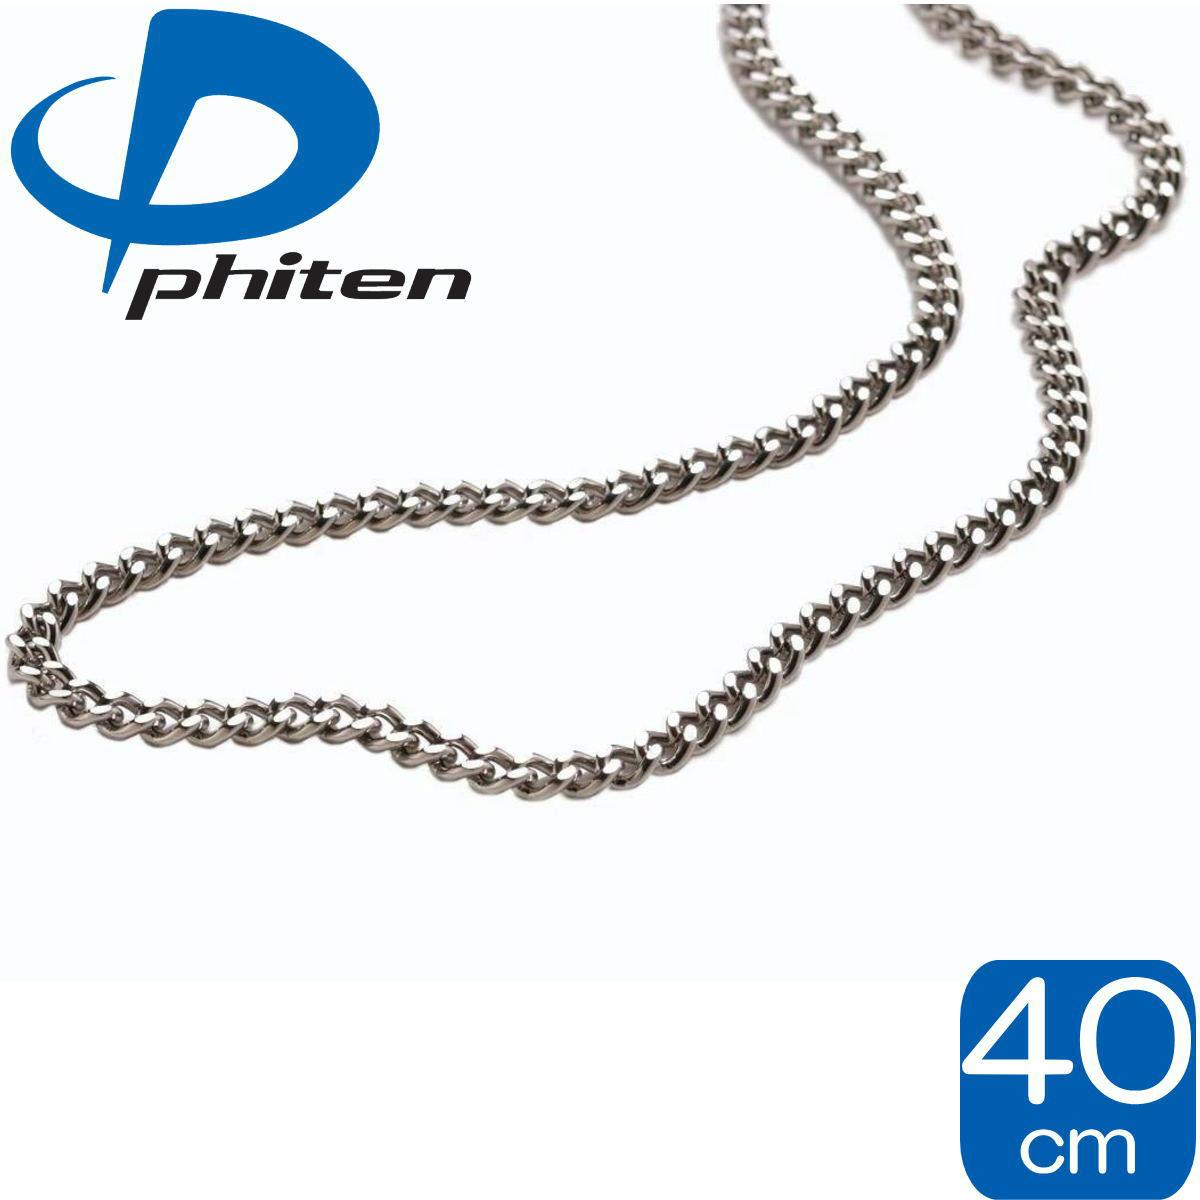 【あす楽】【正規品】 Phiten | チタン チェーンネックレス | 40cm | 約12g | 日本製 | 0505TC04 | ファイテン